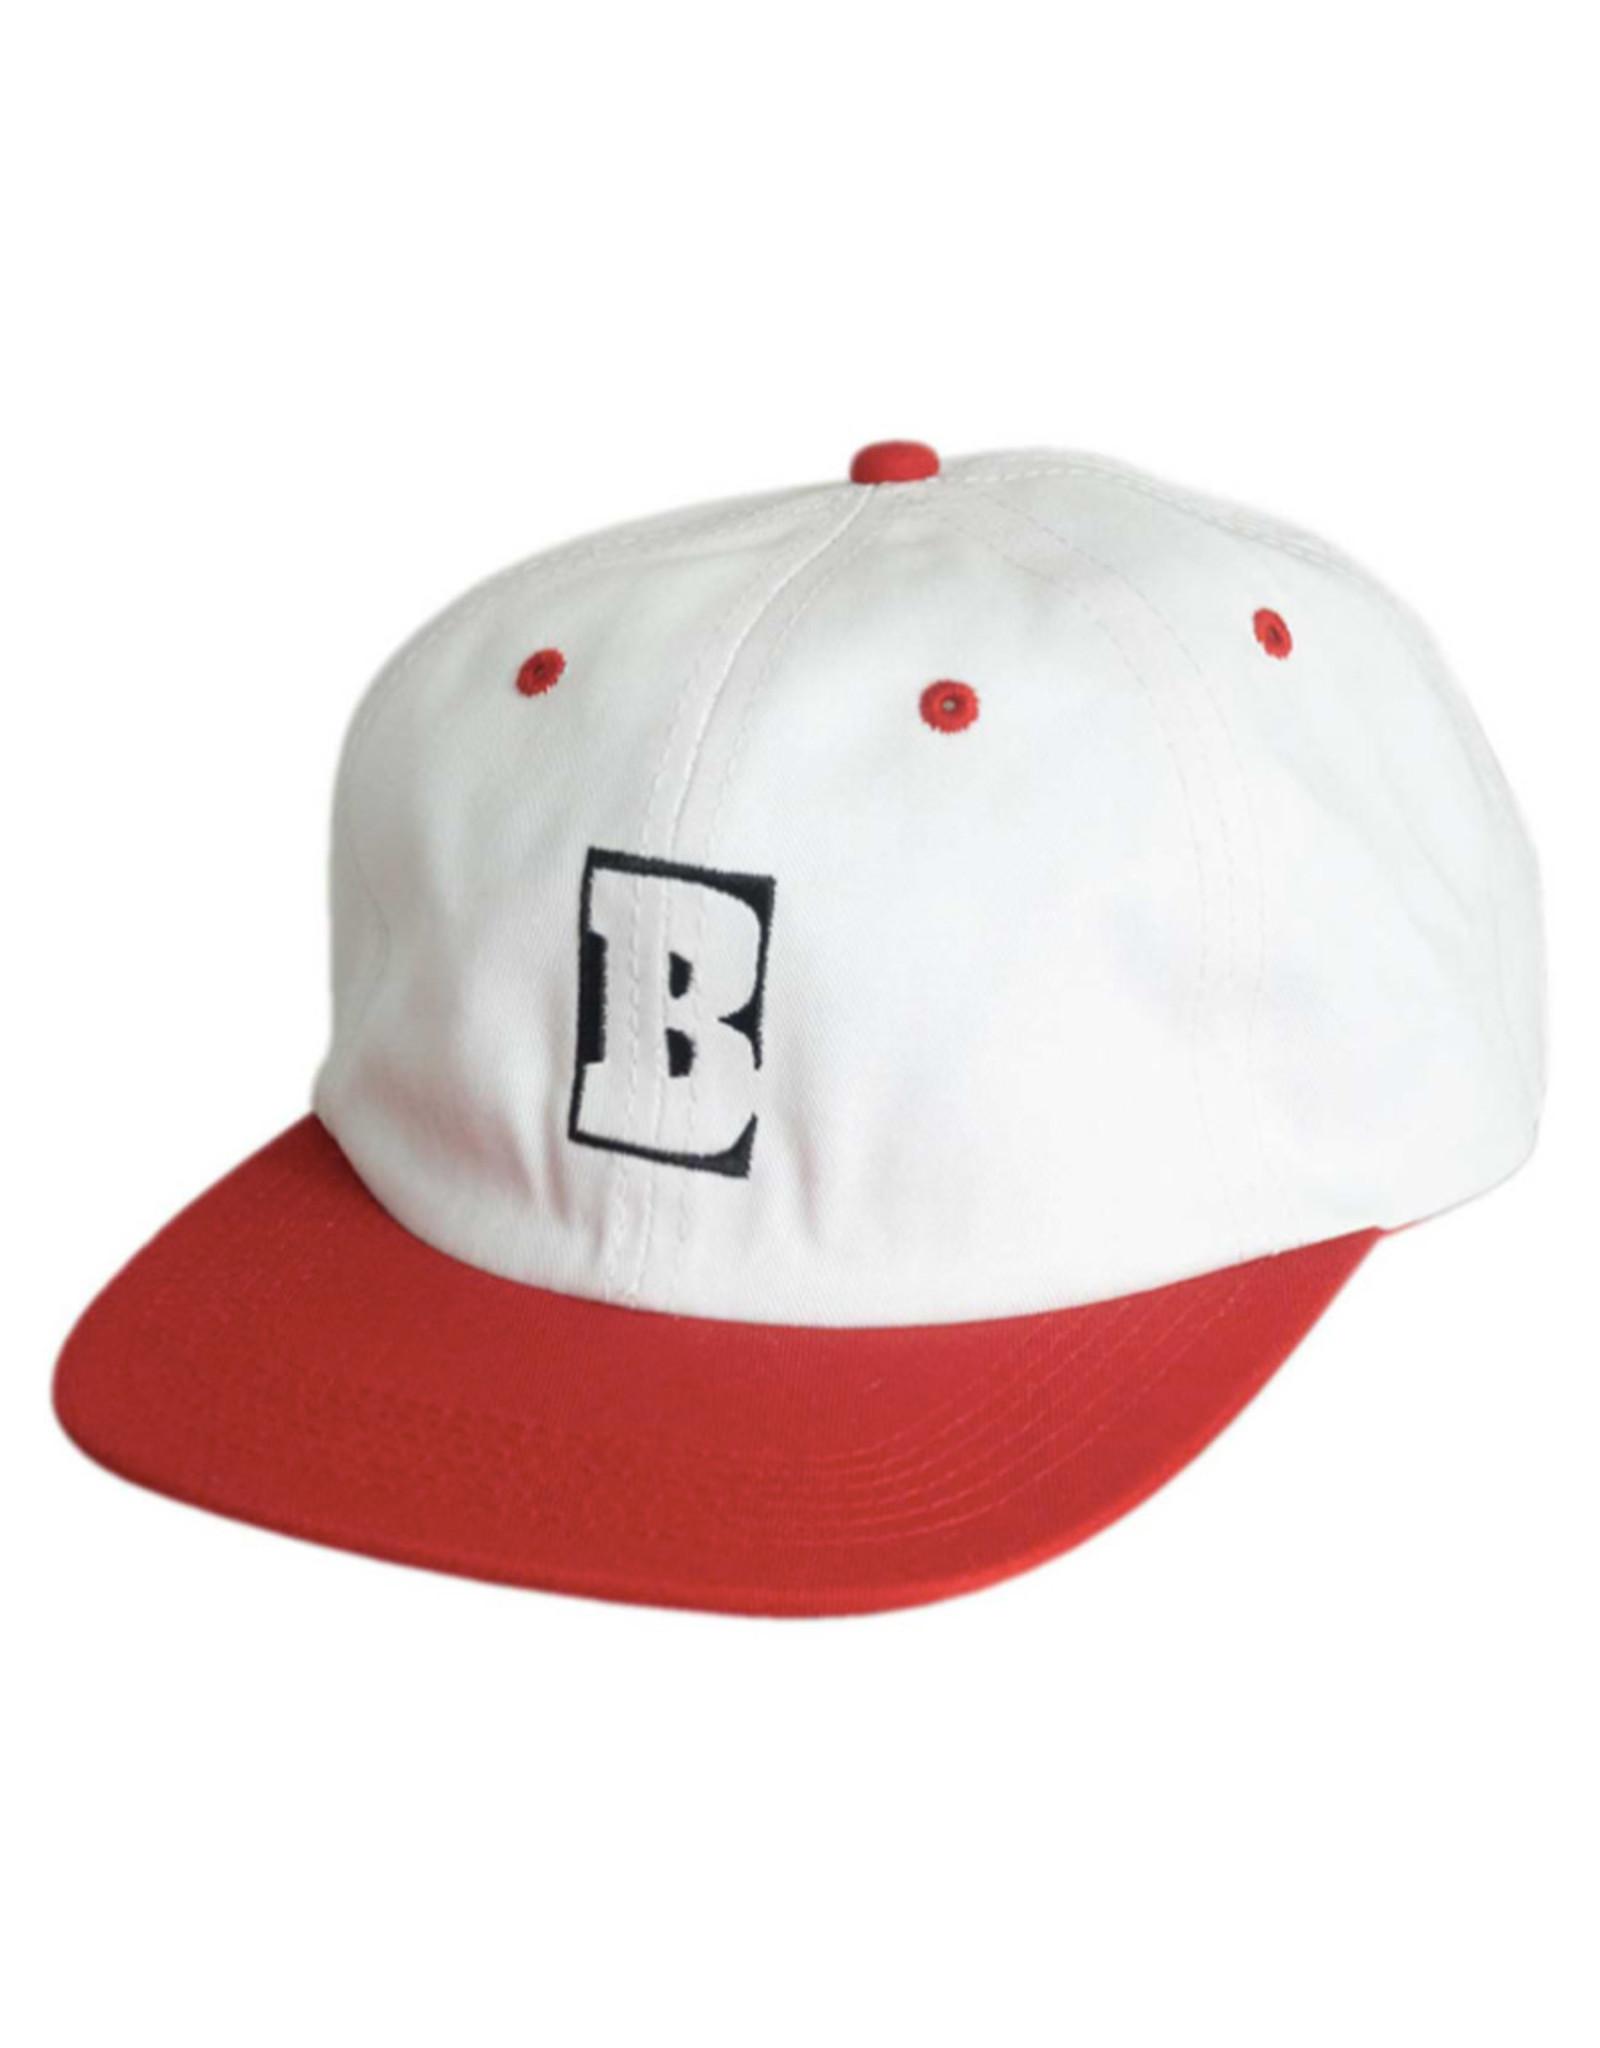 Baker Baker Hat Capital B Snapback (White/Red)